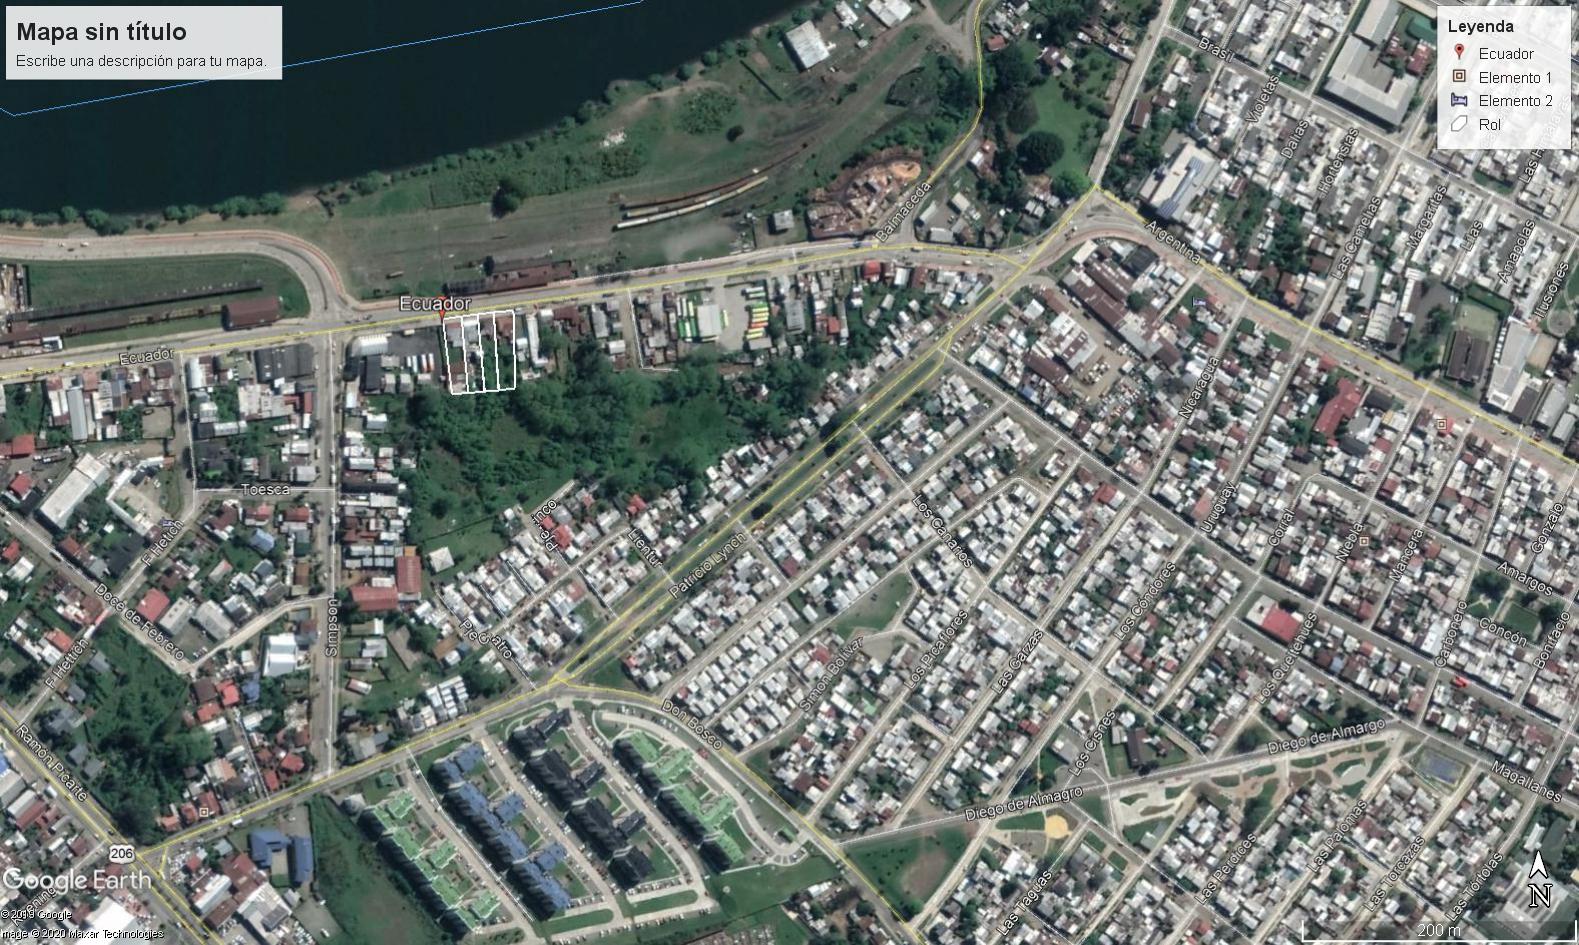 Vendo 3.000 m2 calle Ecuador Cercana al río